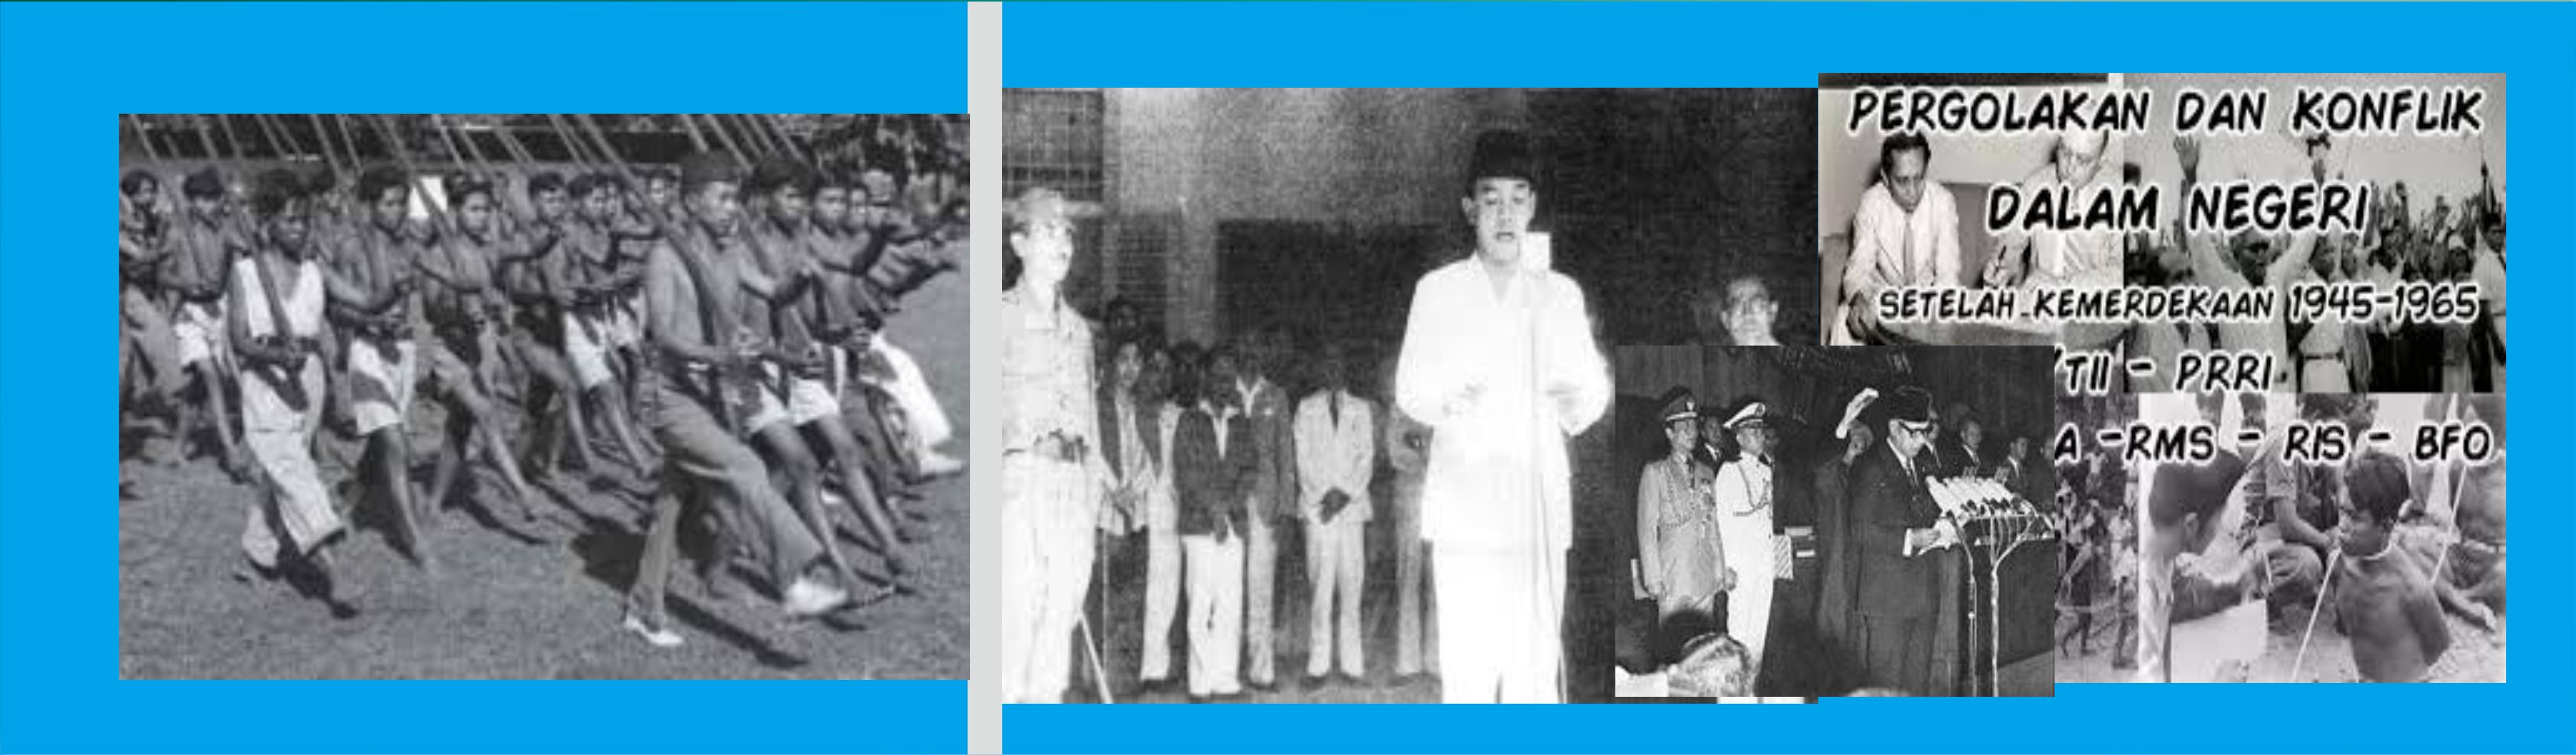 Sejarah Indonesia 1945 - 1966